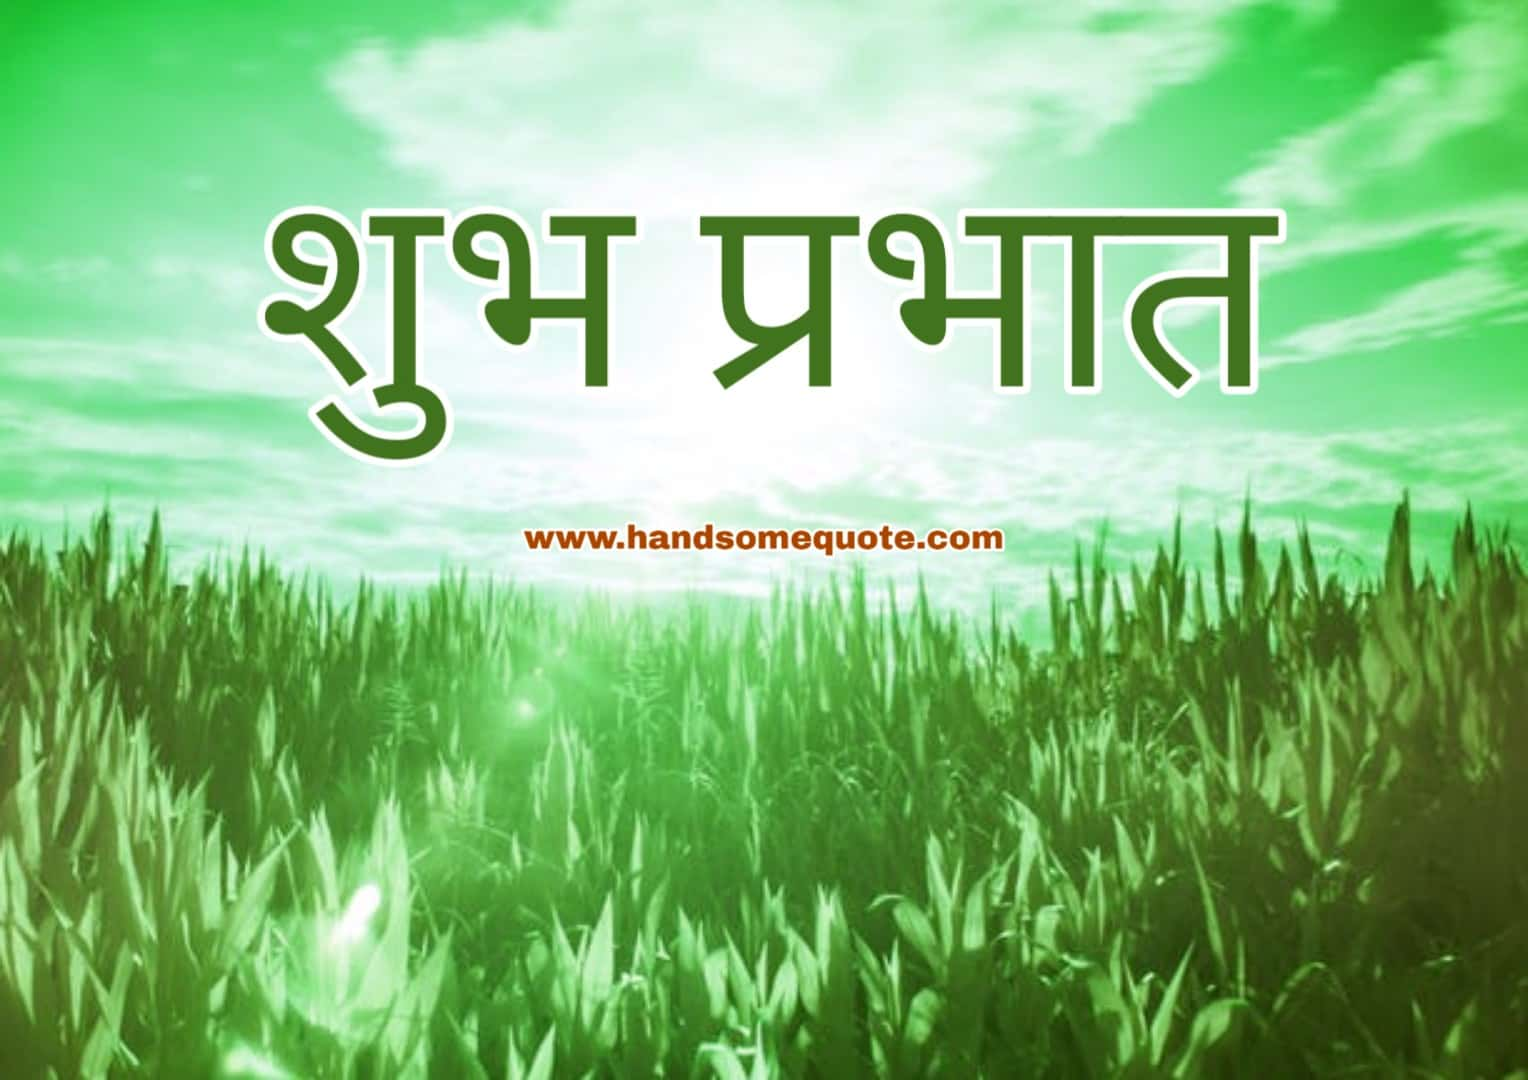 À¤¶ À¤ À¤¸à¤• À¤³ Good Morning Images In Marathi For Whatsapp